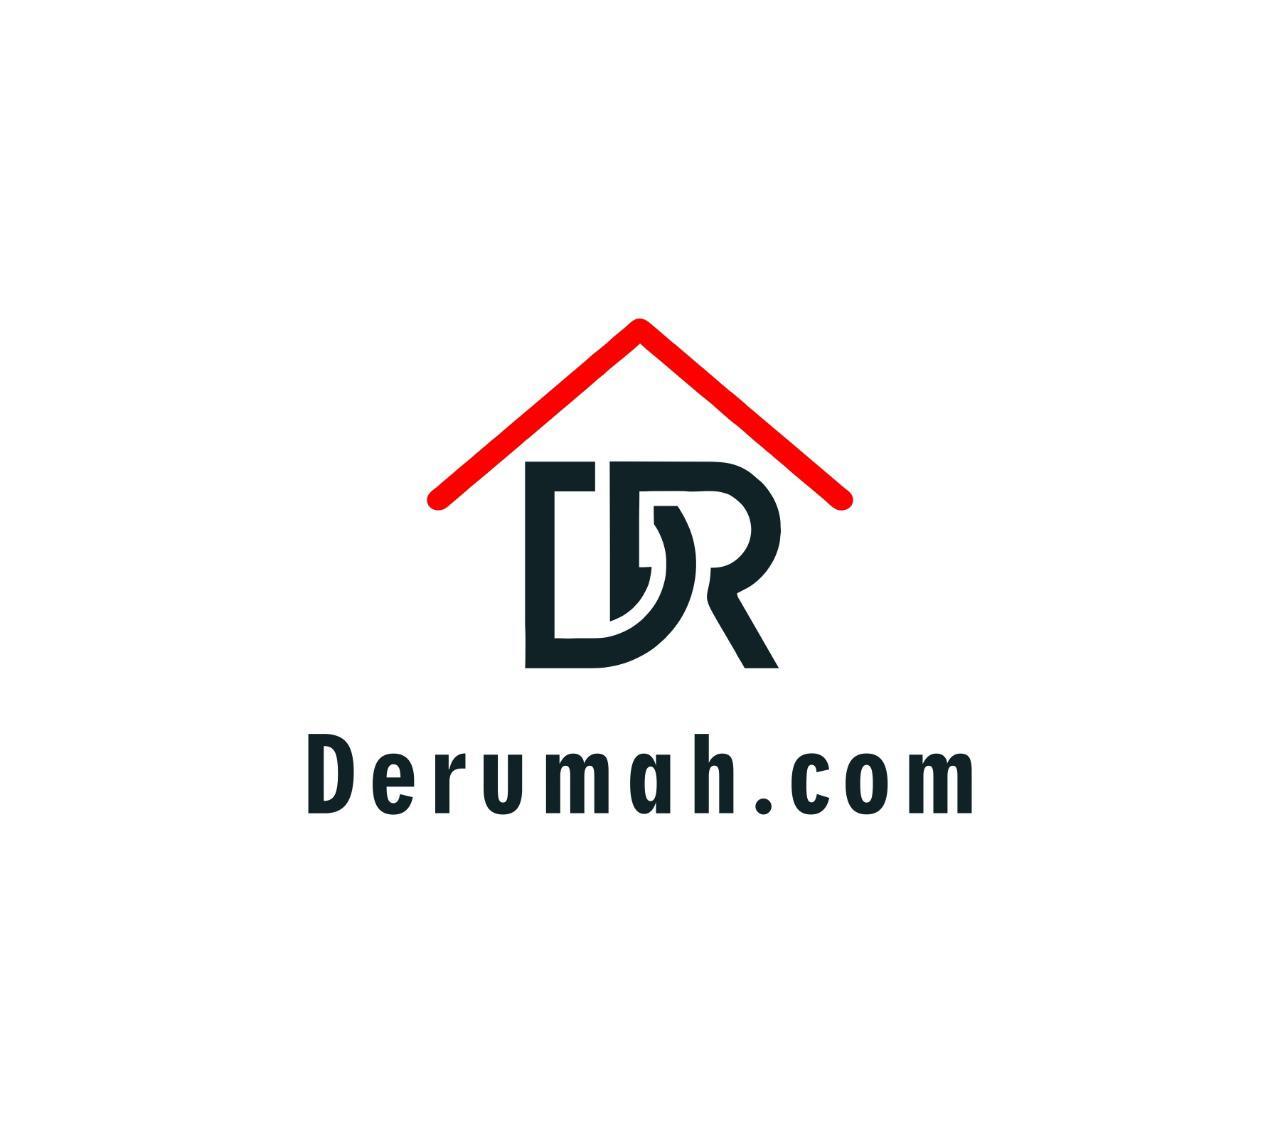 Derumah.com